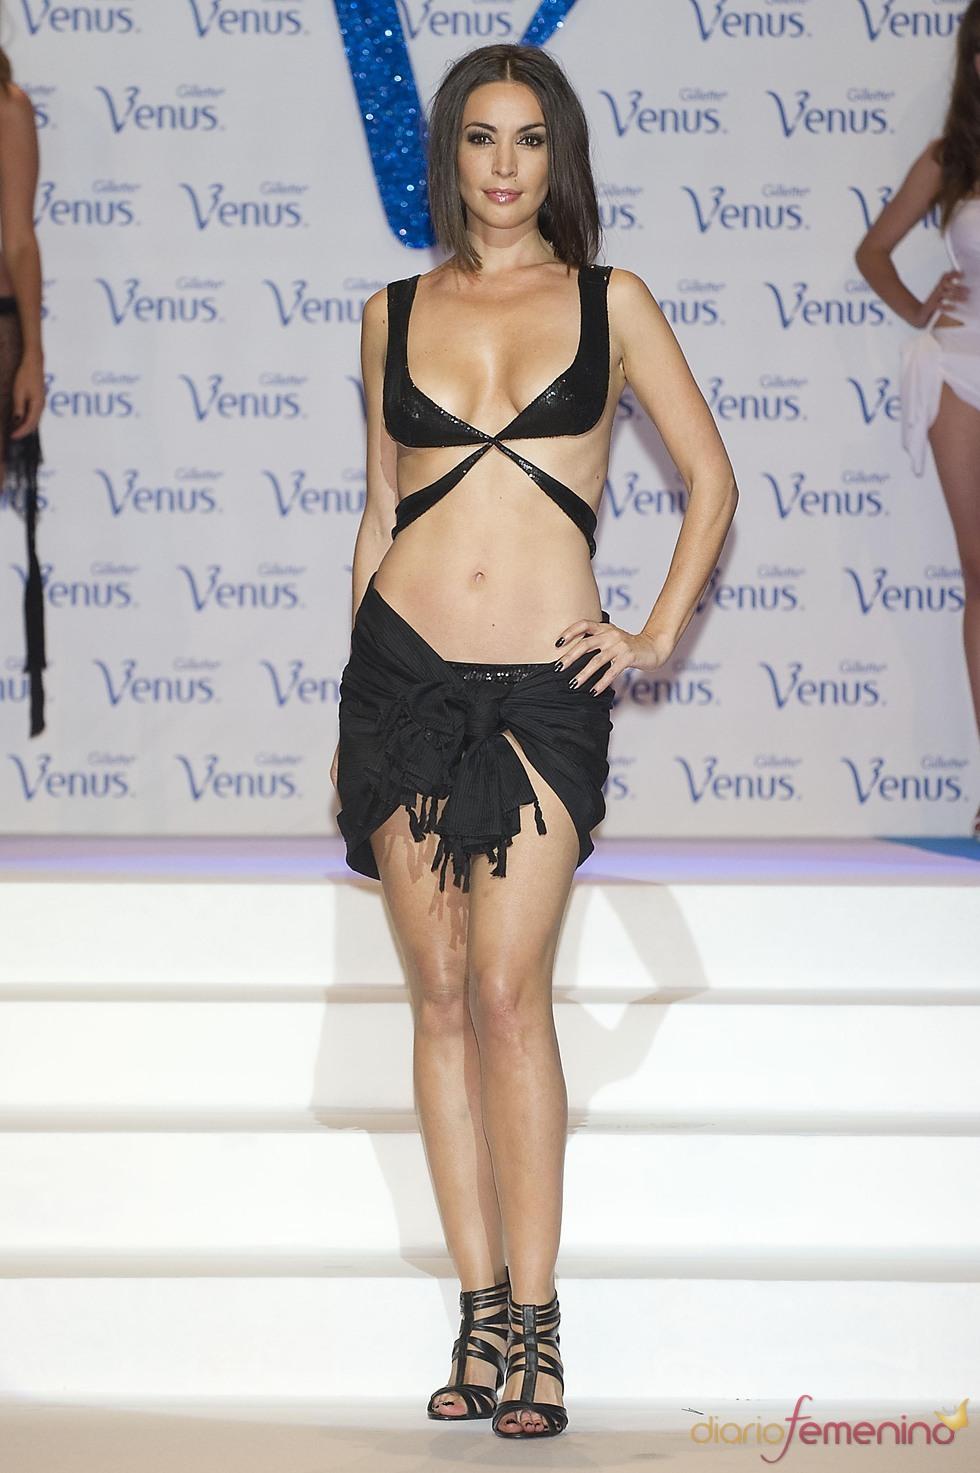 María José Besora desfila en la pasarela de los Premios Venus de Diseño 2011